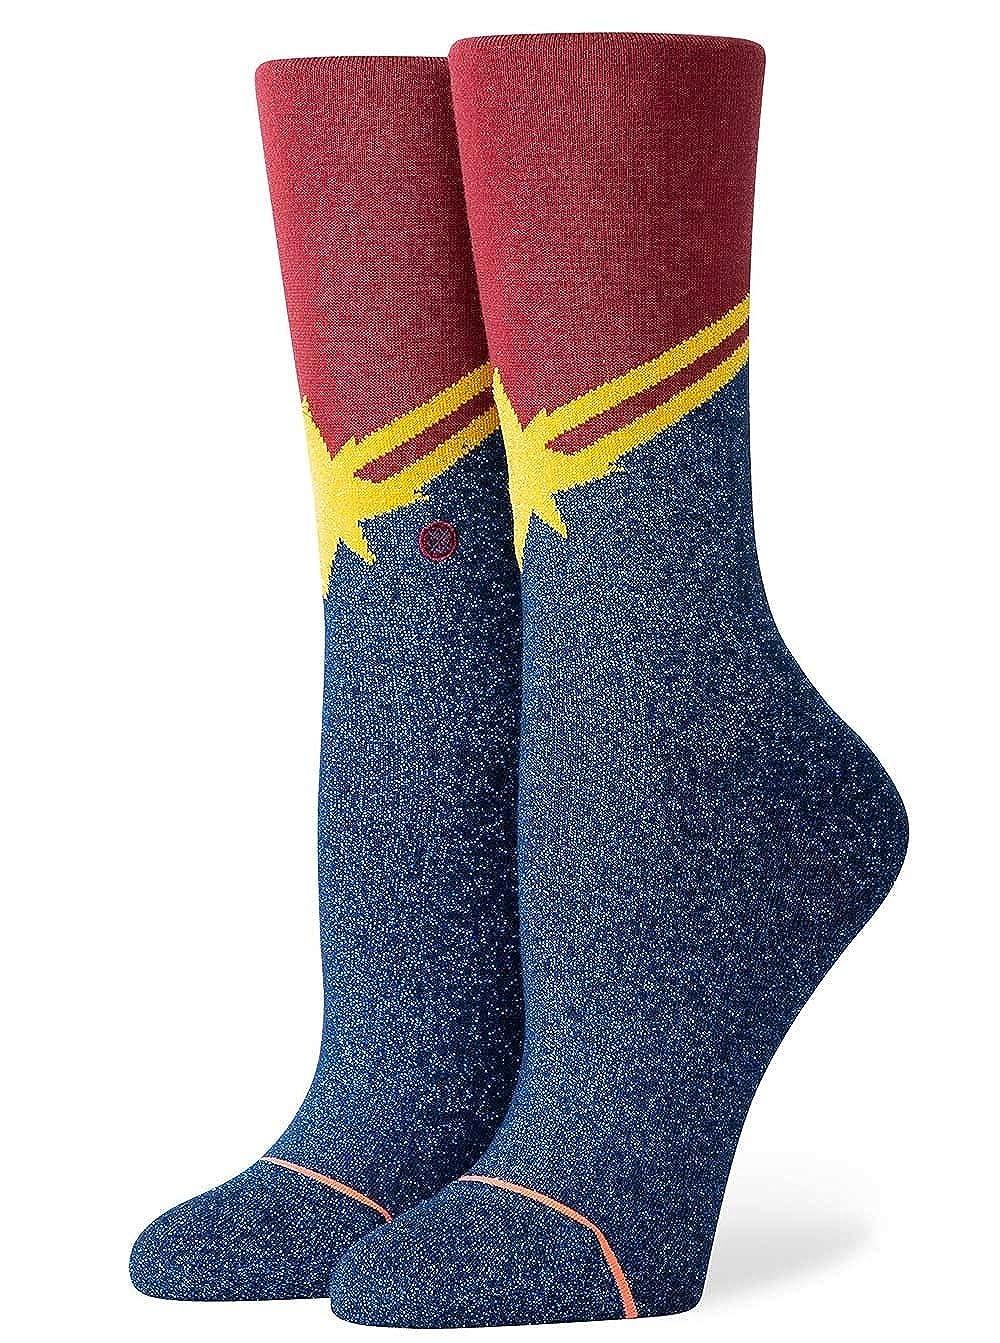 Femme Rouge rouge M Stance Socks Chaussette de sport